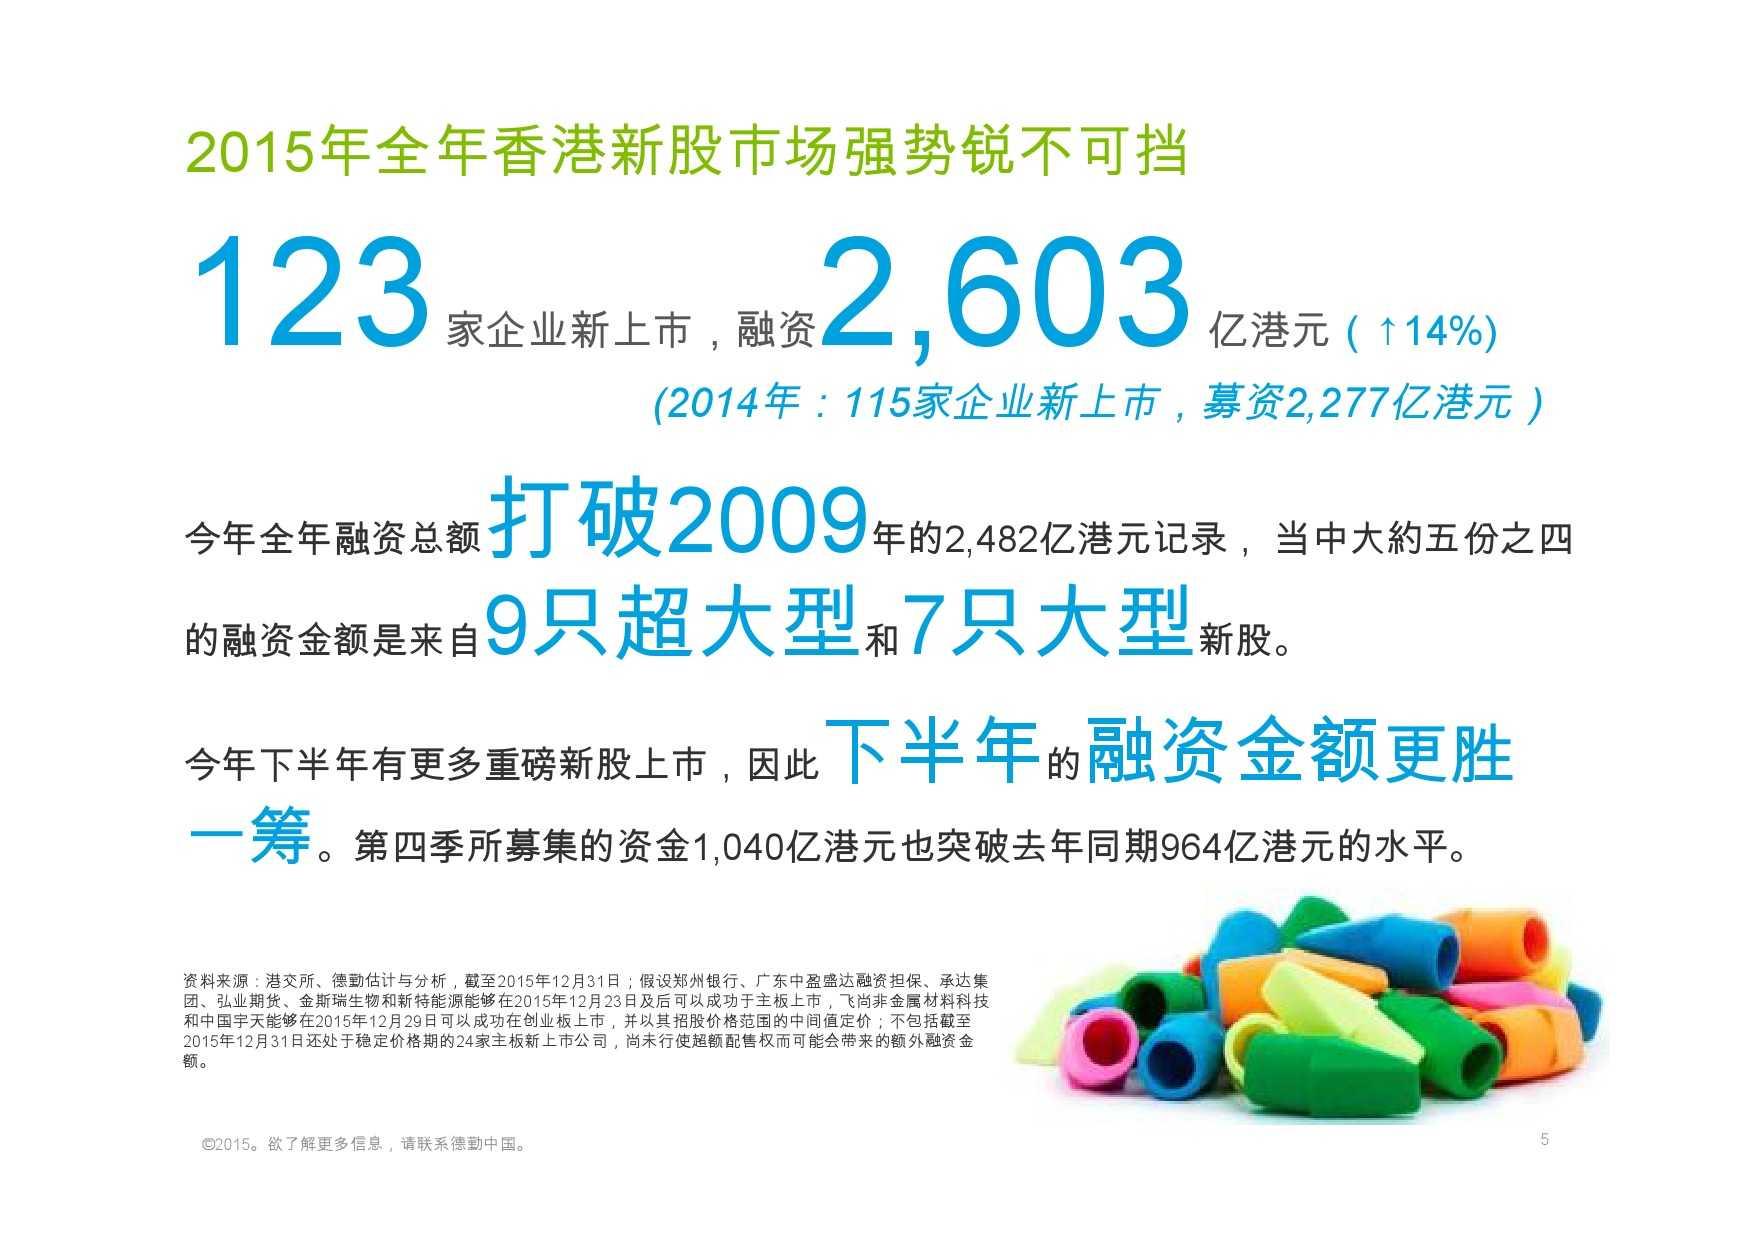 德勤:香港及中国大陆IPO巿场2015年回顾与2016年展望_000005